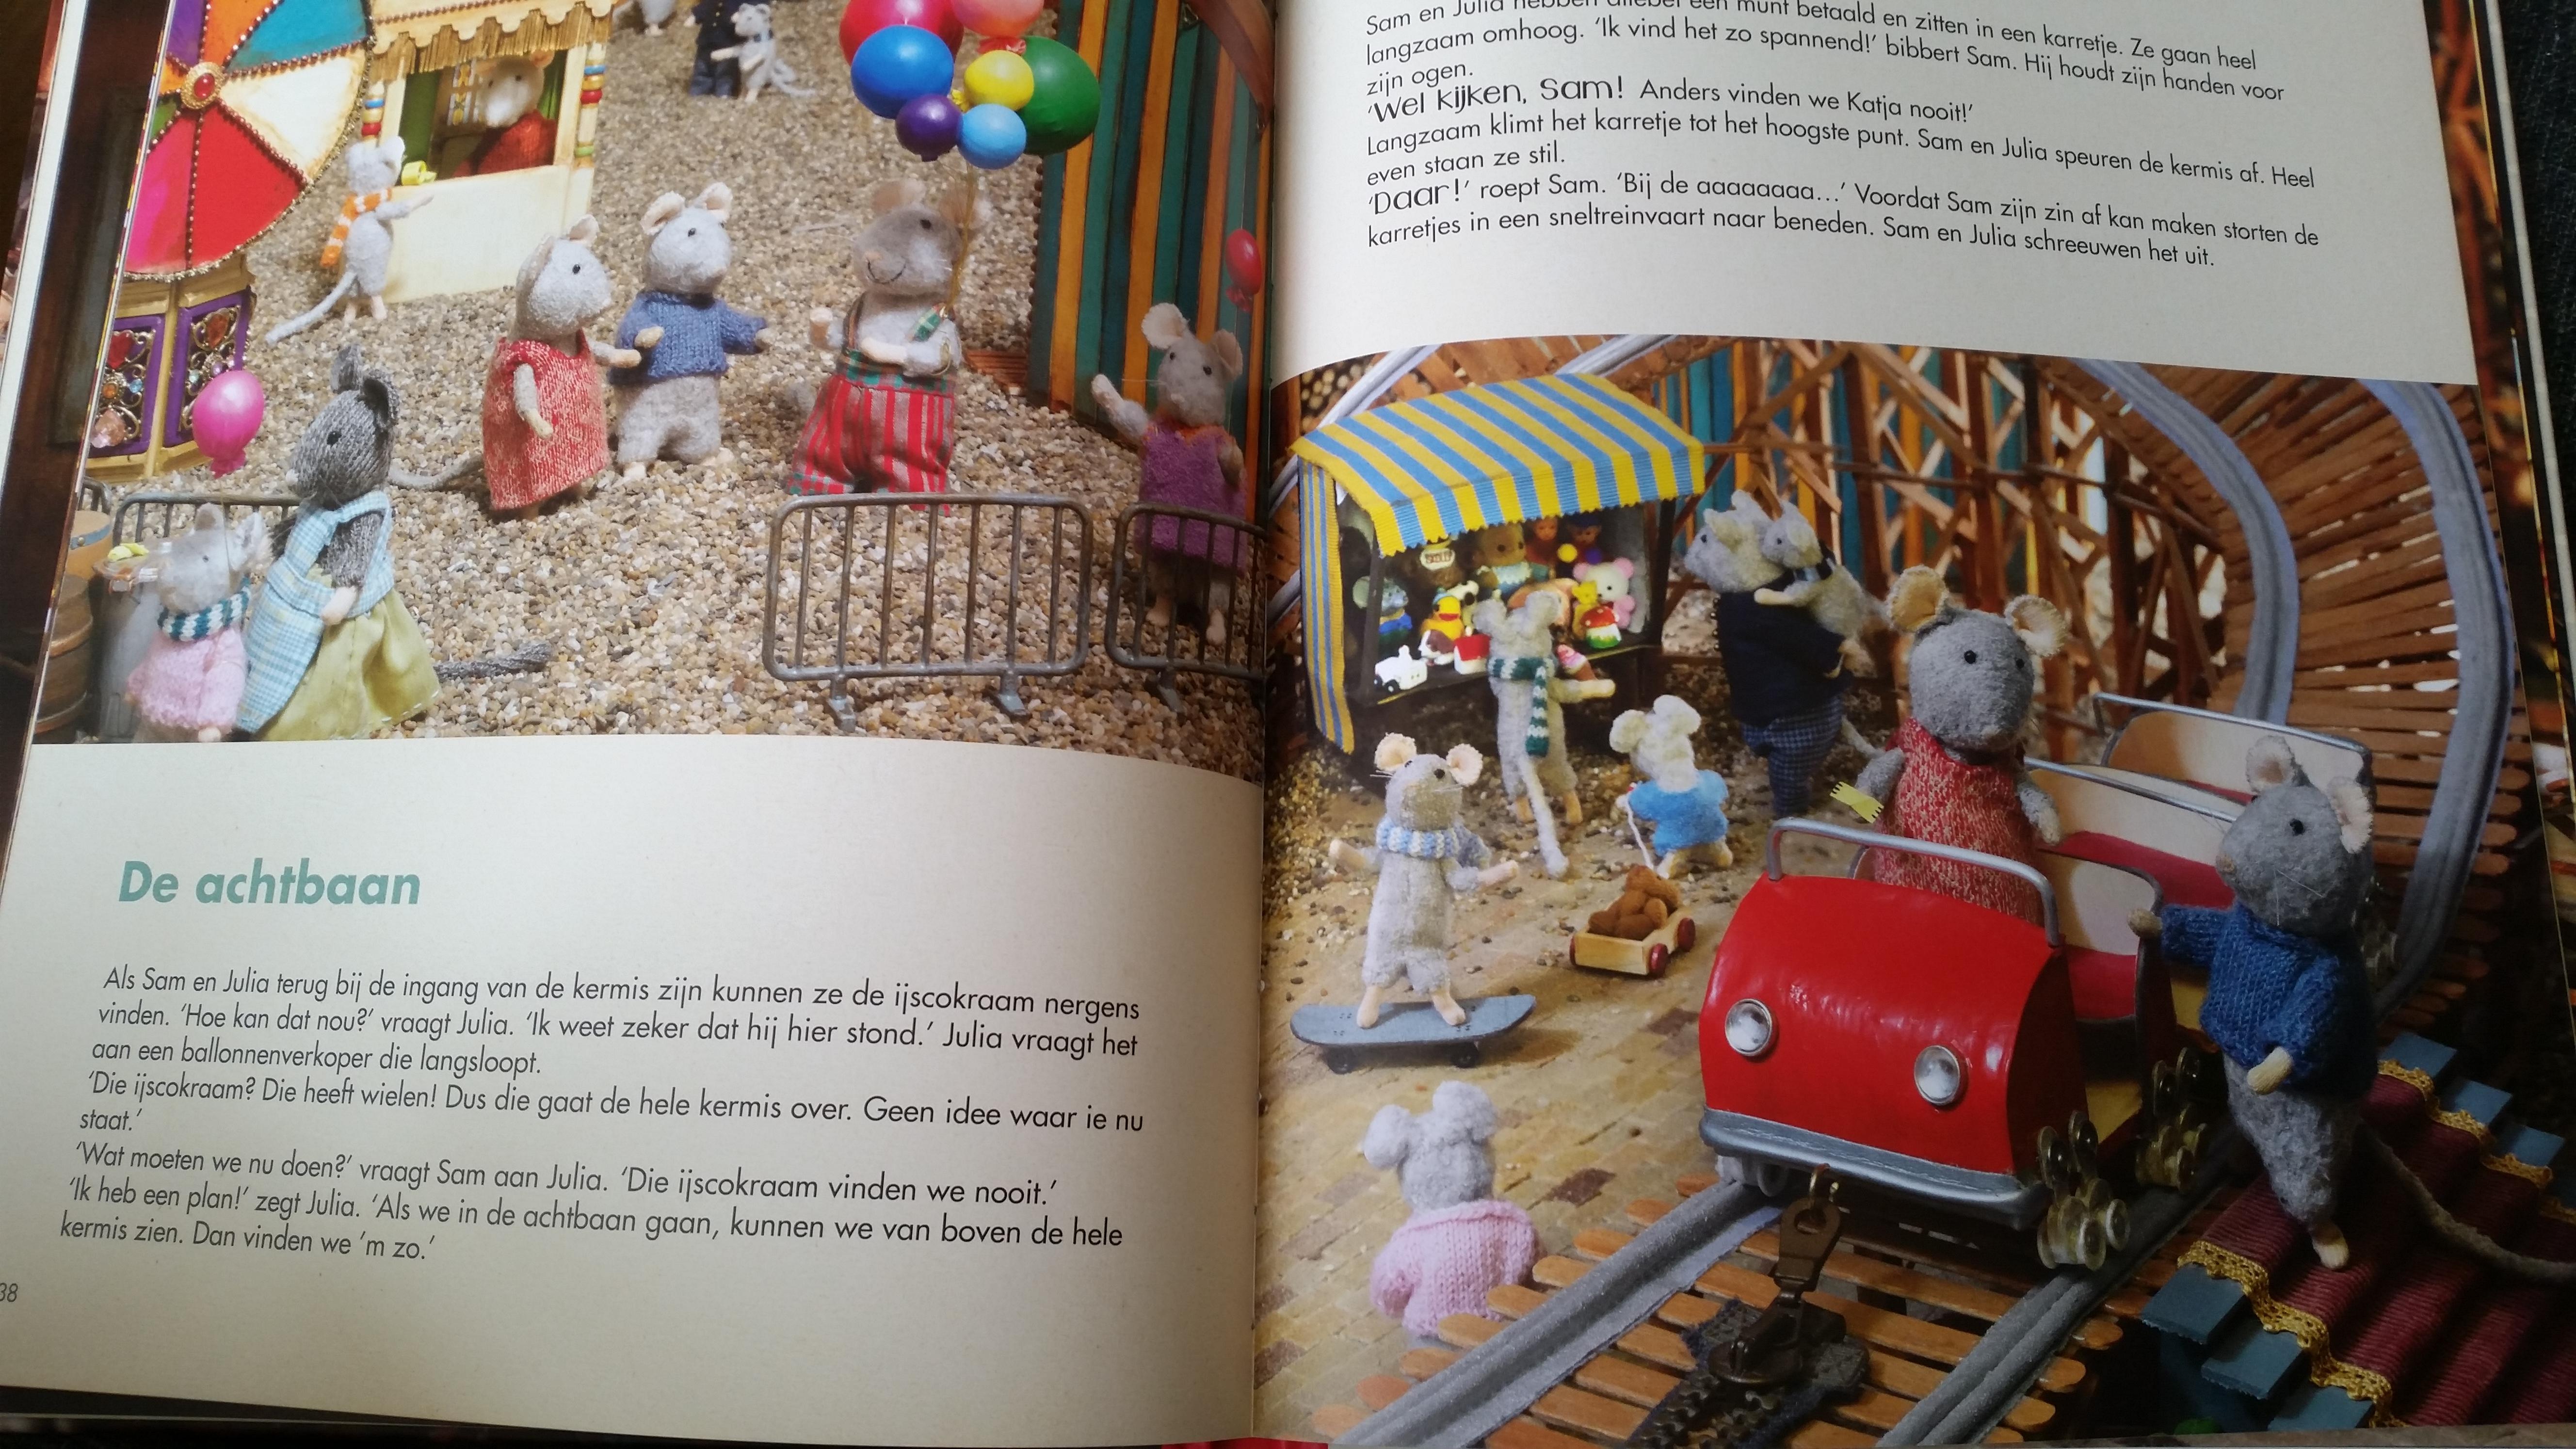 5-16-kermis-muizenhuis-boek-review-boeken-lezen-voorlezen-sam-en-julia-muizen-nanny-moeder-amsterdam-achtbaan